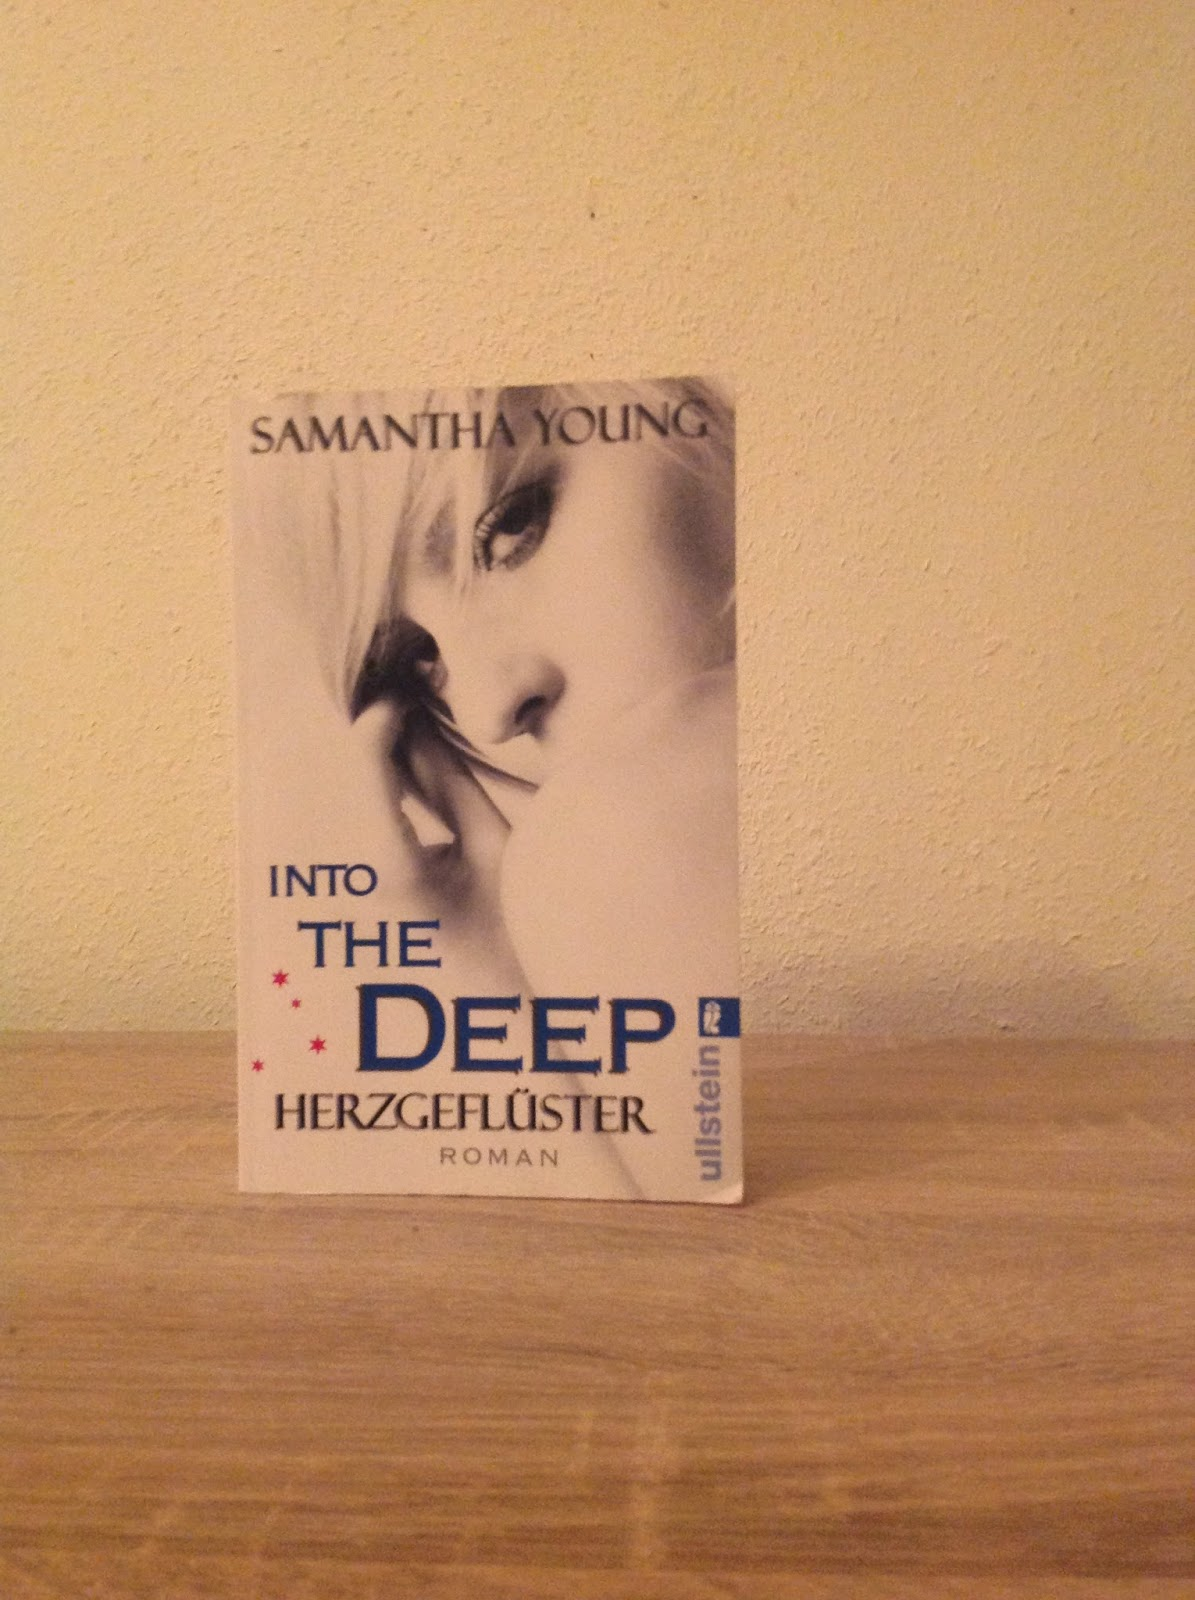 Cover Bild: Into the deep Herzgeflüster von Samantha Young